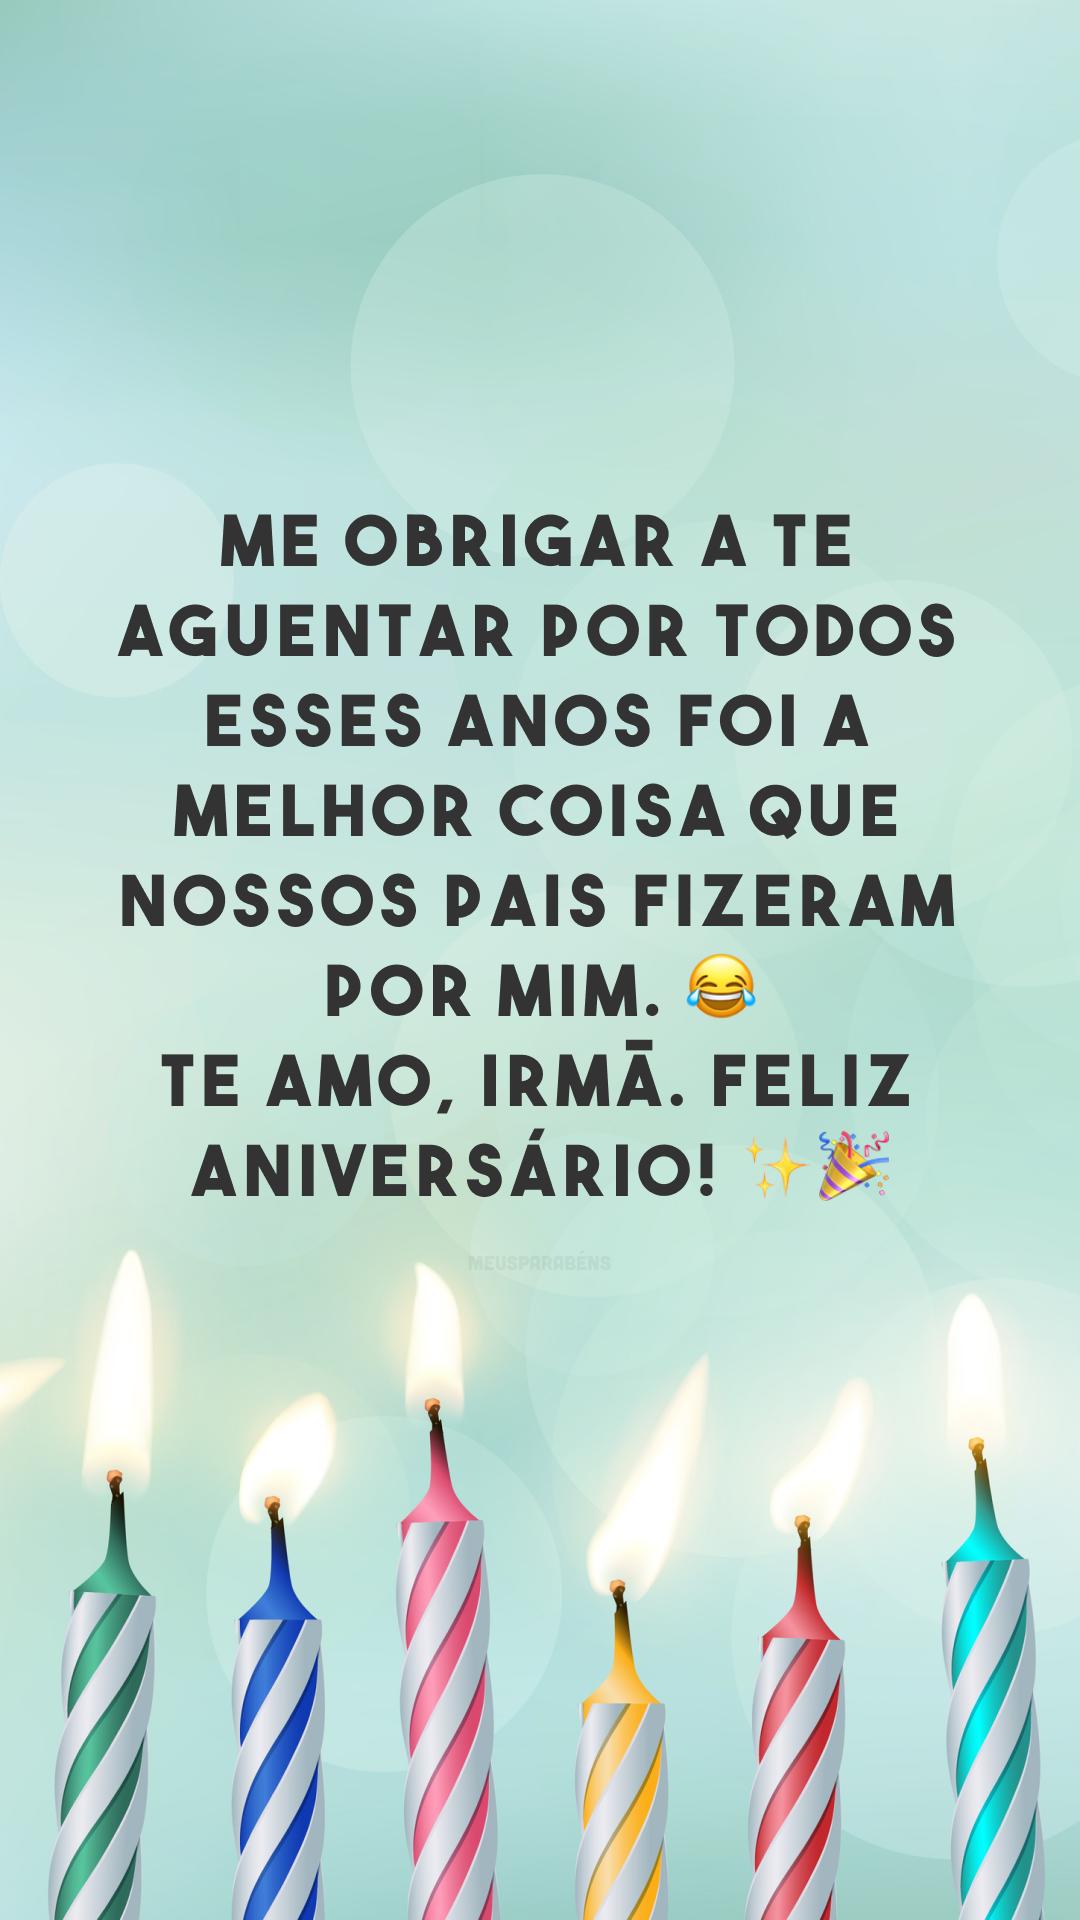 Me obrigar a te aguentar por todos esses anos foi a melhor coisa que nossos pais fizeram por mim. 😂 Te amo, irmã. Feliz aniversário! ✨🎉